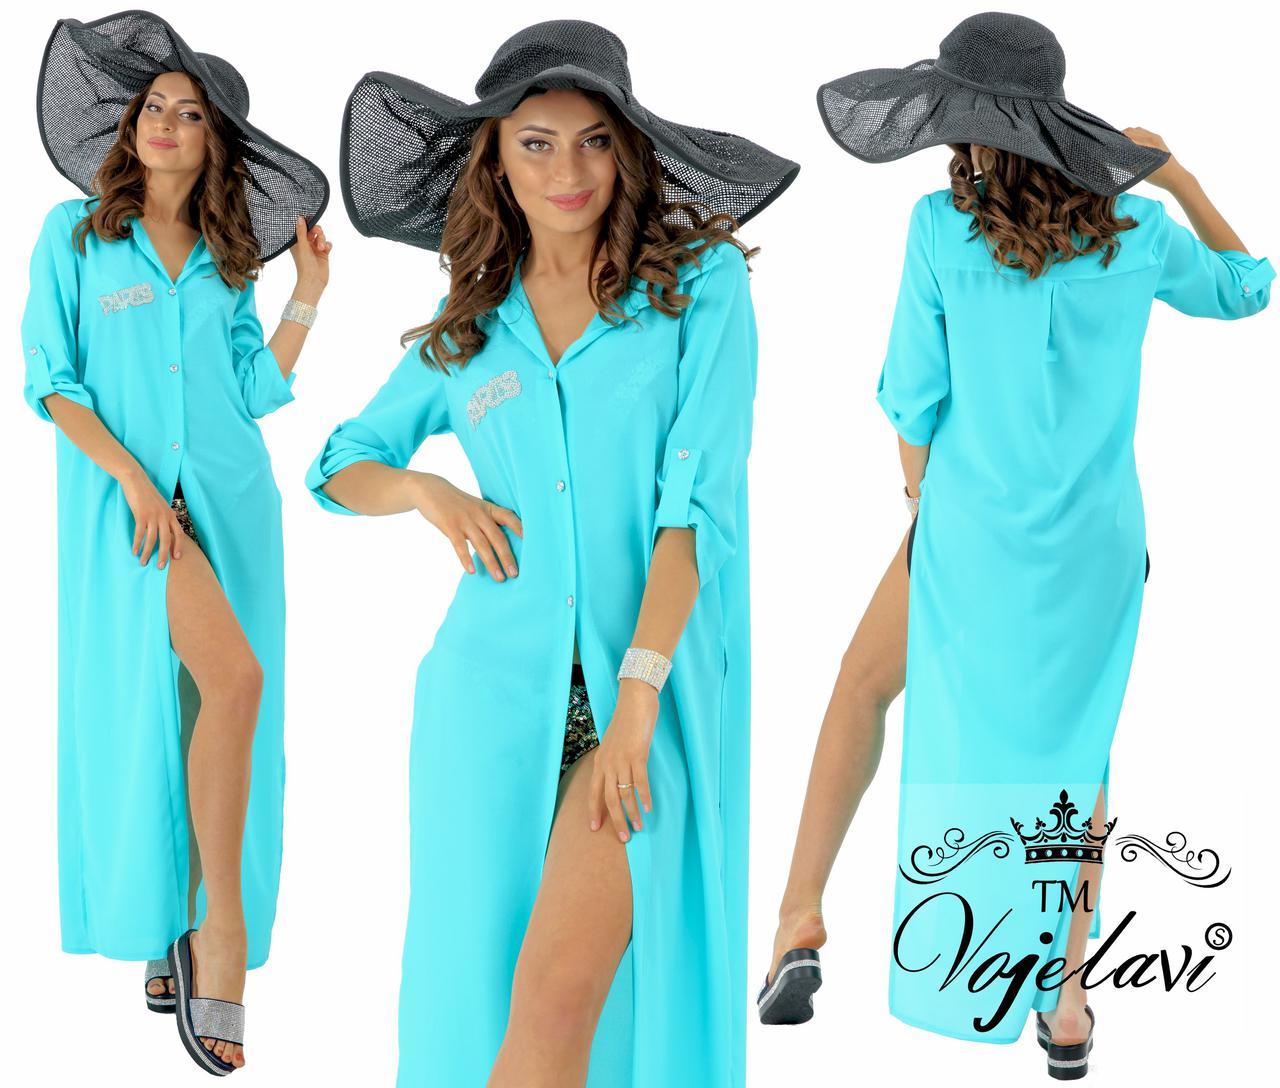 7f9a7e2c4883e Пляжная женская стильная рубашка № 581 оптом и в розницу, пляжная ...